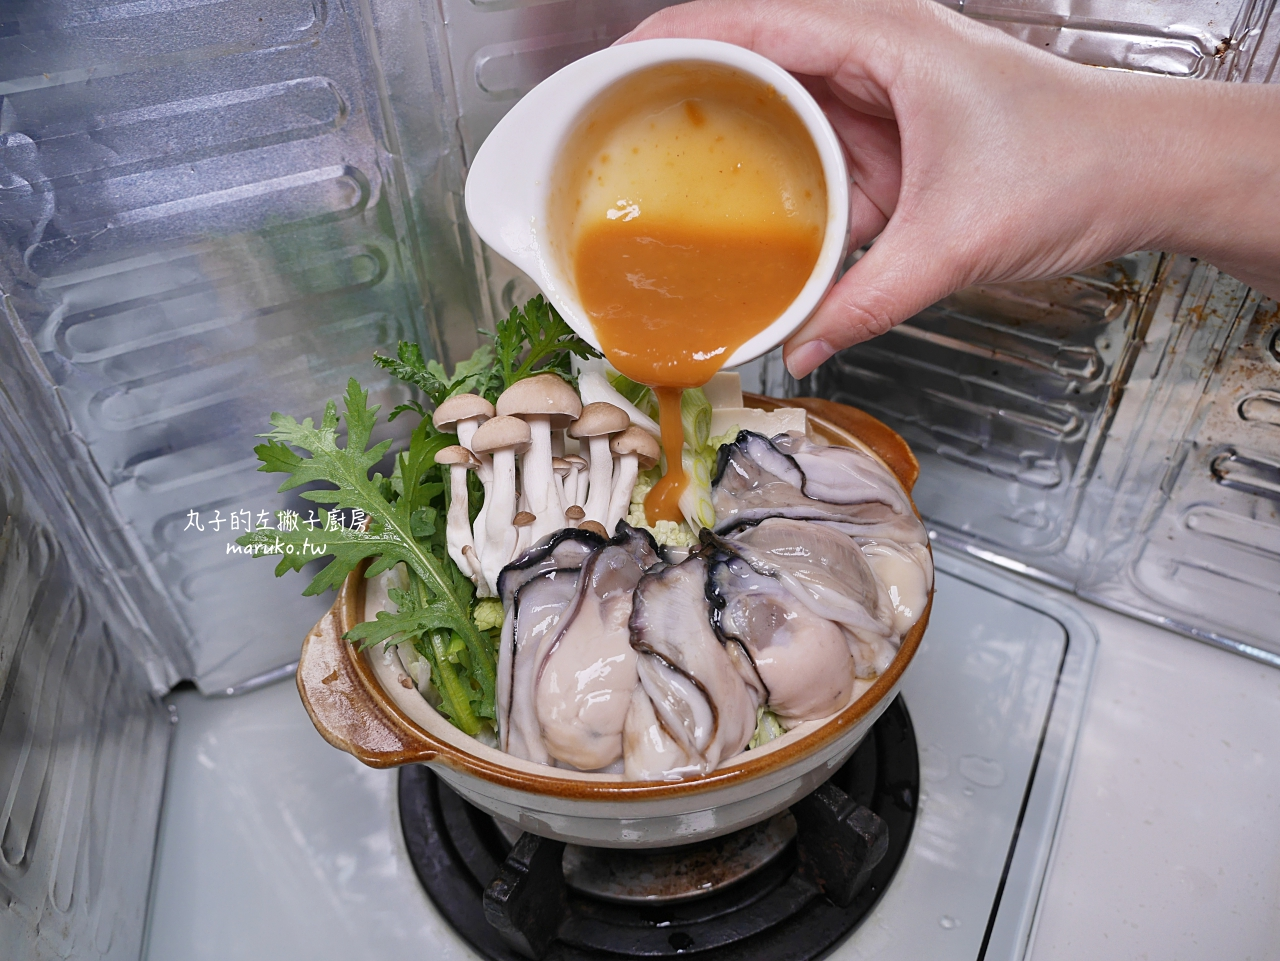 【食譜】賣漁人家嚴選海鮮/廣島牡蠣清肉二道料理實作分享/網購宅配推薦 @Maruko與美食有個約會